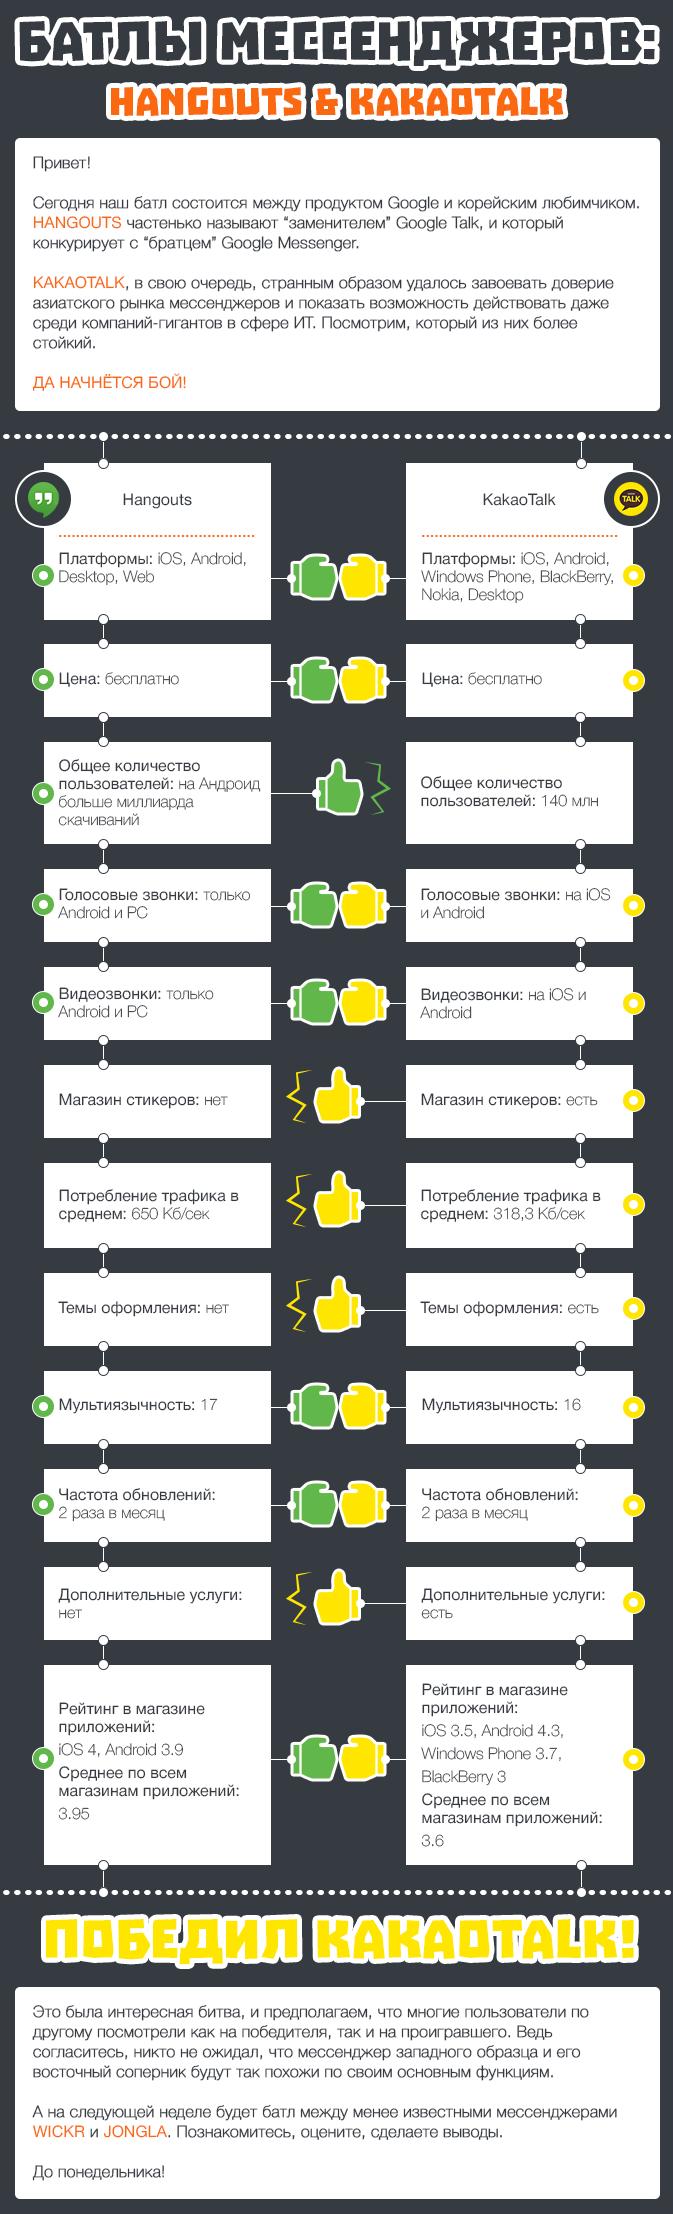 Батлы Мессенджеров KakaoTalk против Hangouts